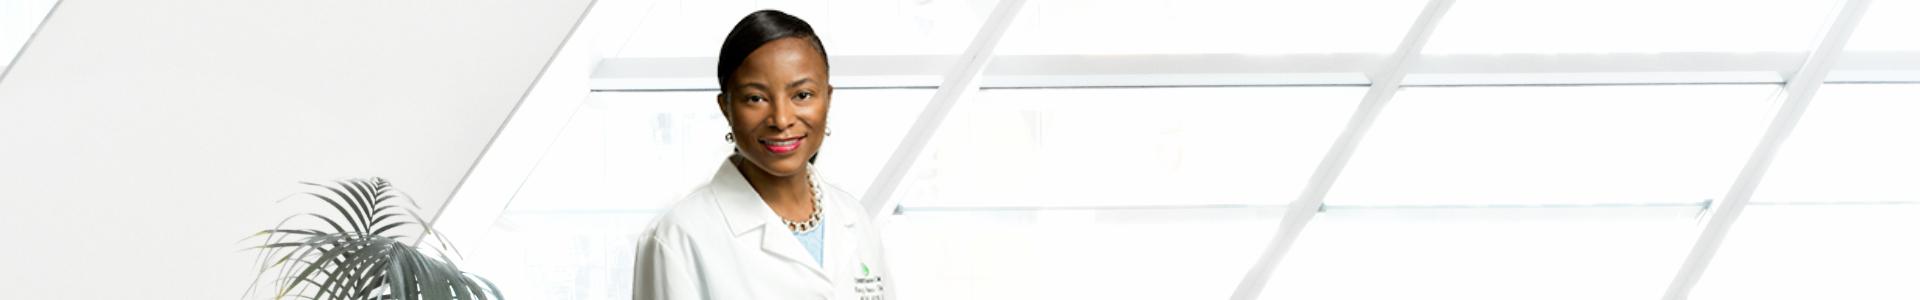 Permalink to: Meet Dr. Nancy